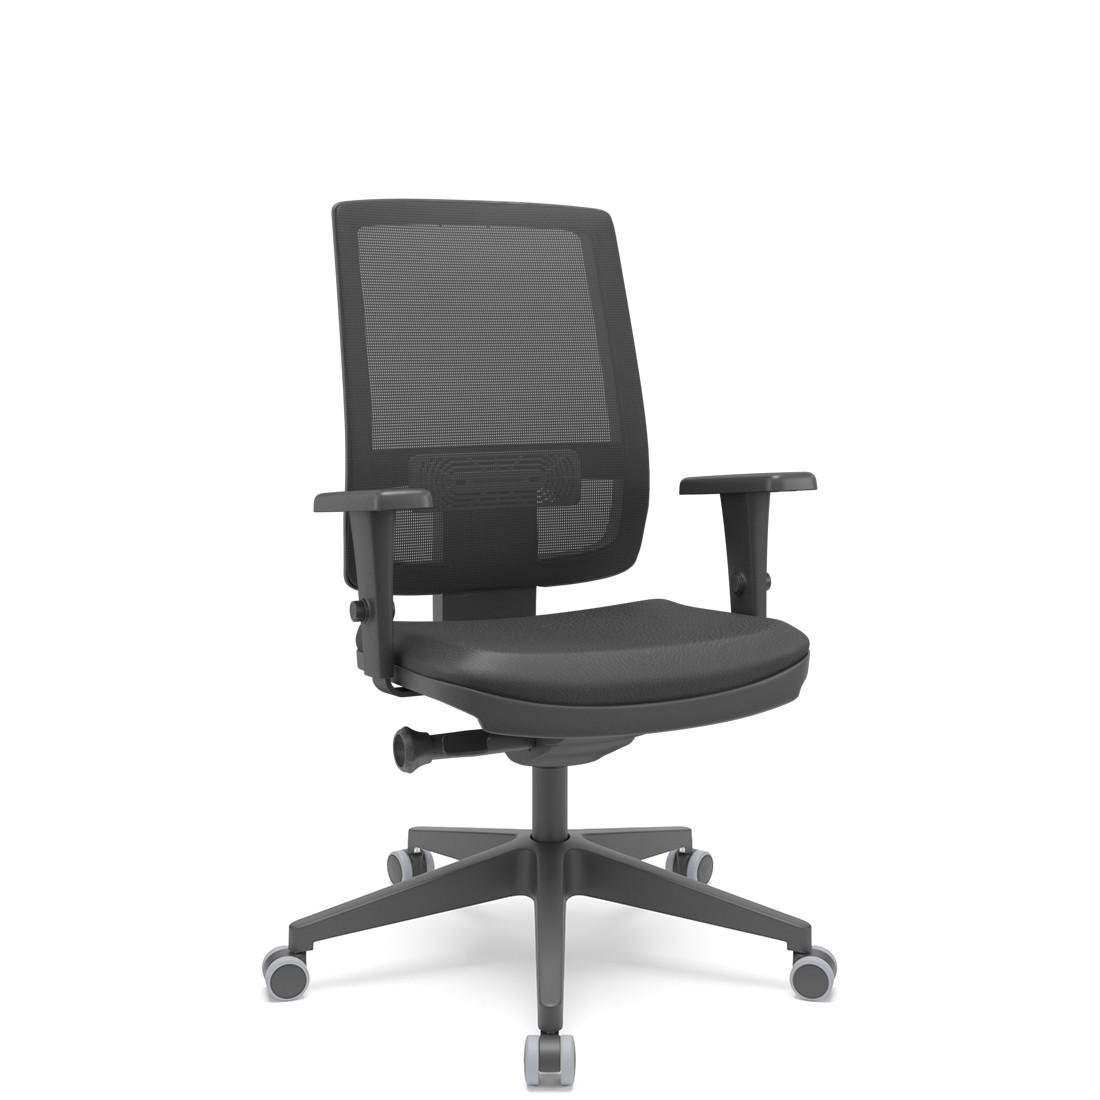 Cadeira Brizza Presidente Sem Apoio de cabeça base piramidal braço 3D Plaxmetal